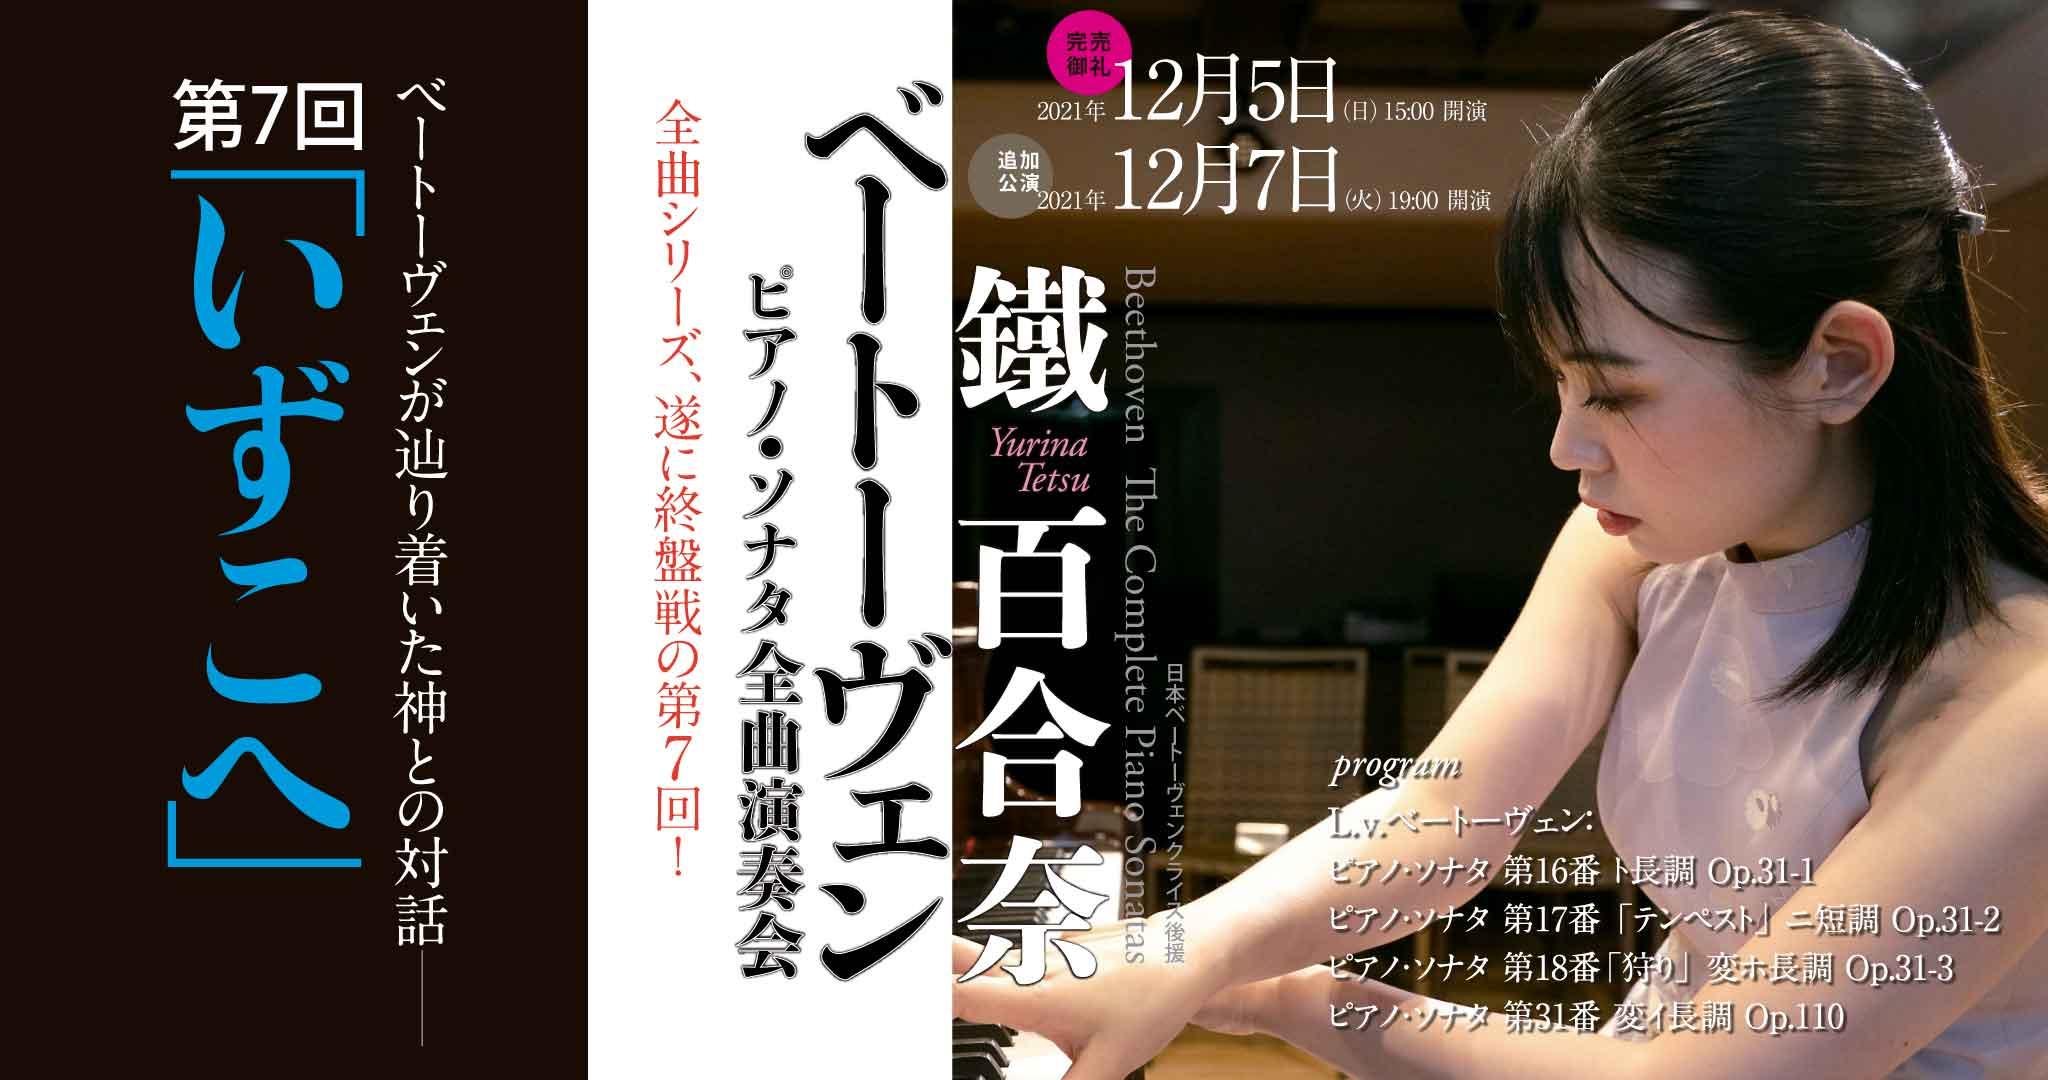 鐵百合奈ベートーヴェン ピアノ・ソナタ全曲演奏会<第7回>「いずこへ」[追加公演]